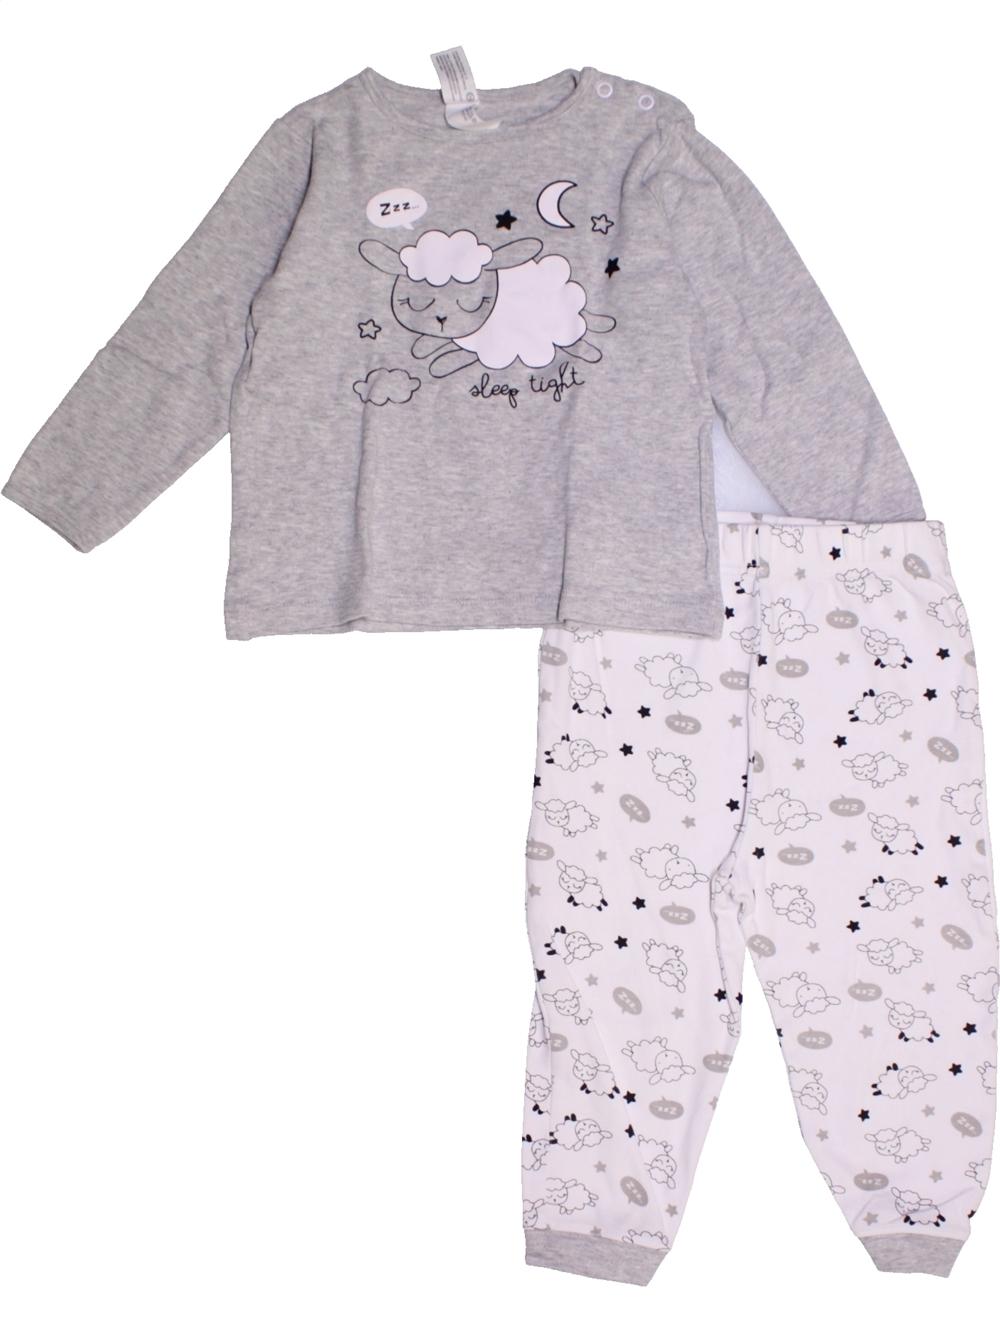 C&a pyjama fille